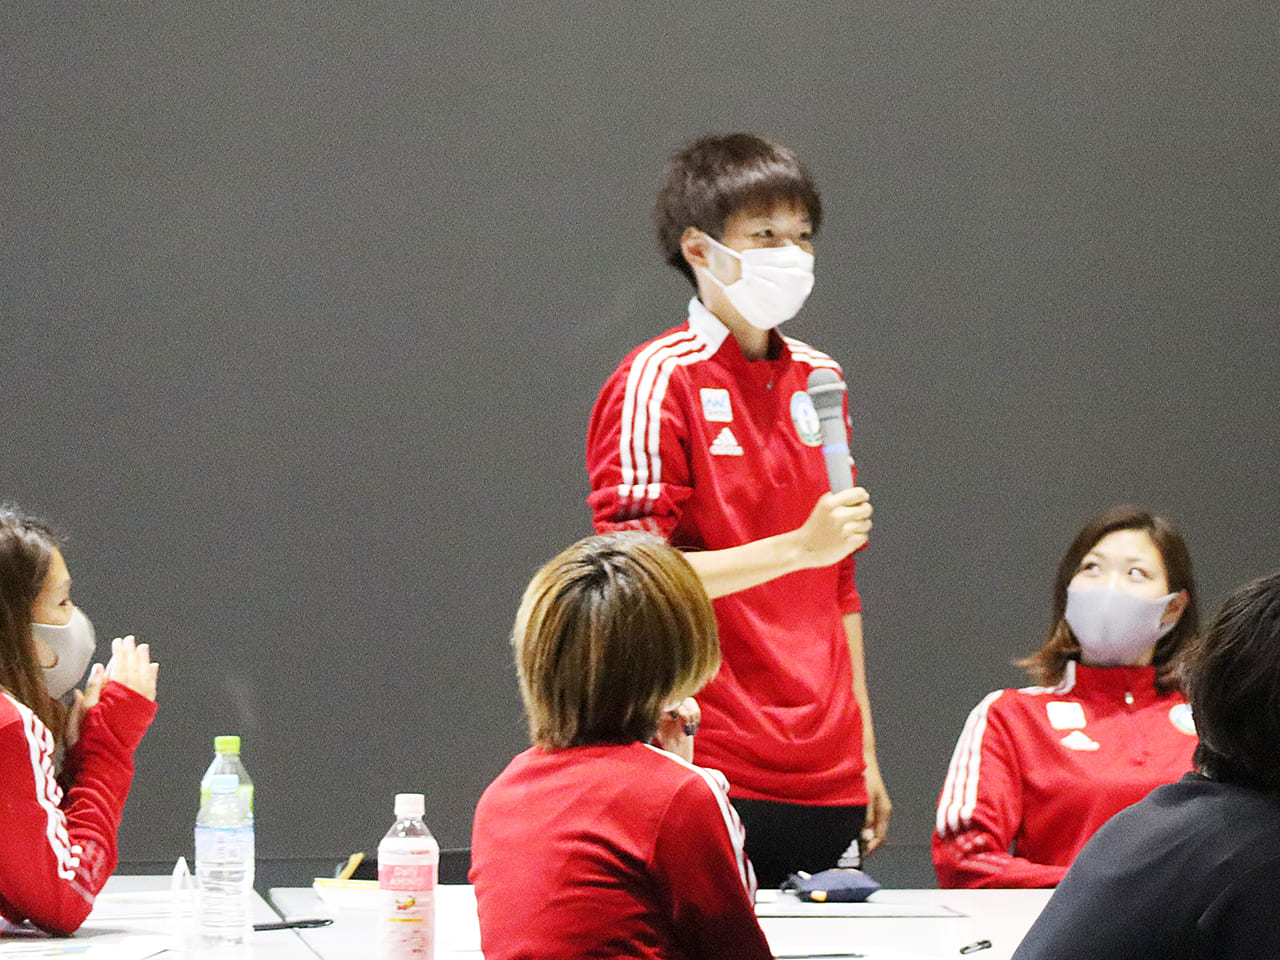 グループで話し合った意見を、浜田遥選手が代表となって発表した